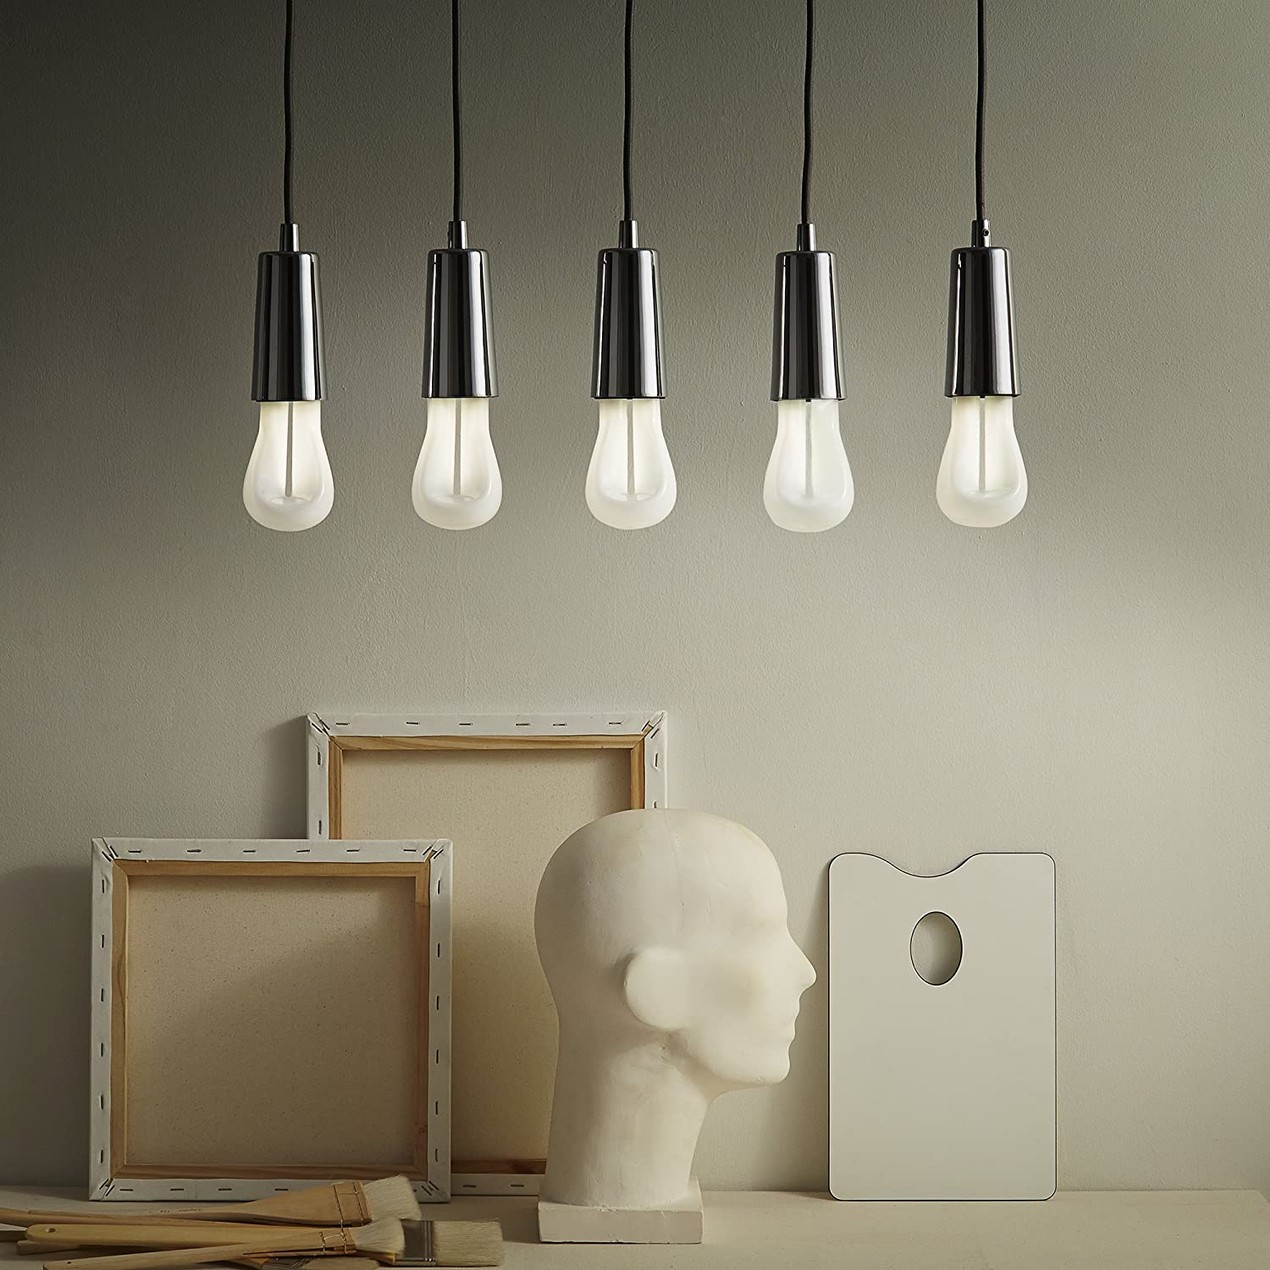 5-Pack Plumen Designer Low Energy LED Bulbs